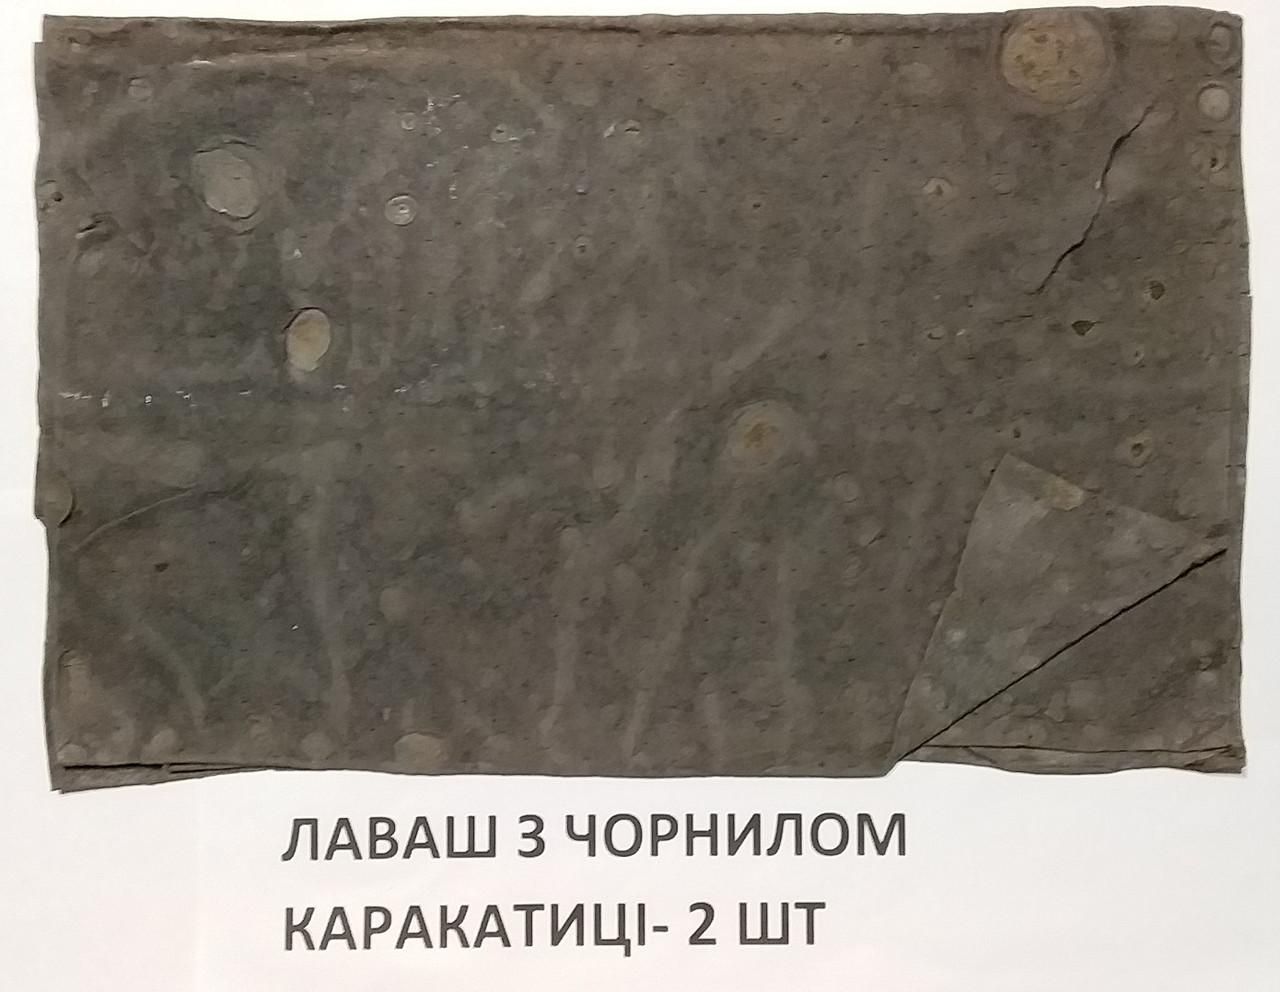 Лаваш  з  чорнилом  каракатиці  - 2 шт. (37 x 30)